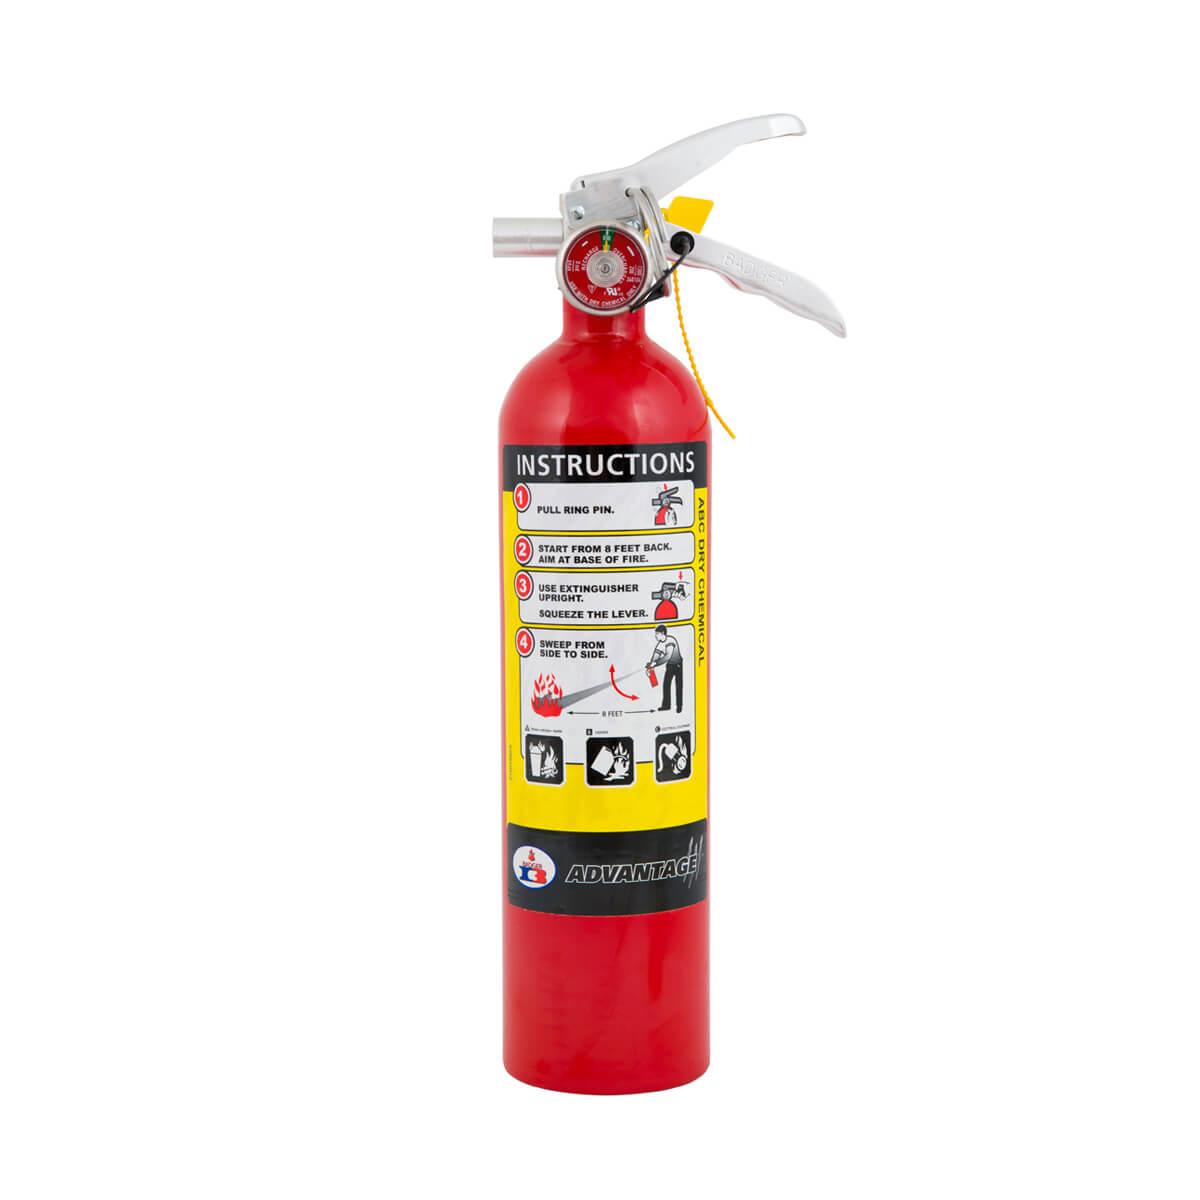 Badger Advantage 2.5lb 1-A:10-B:C Fire Extinguisher